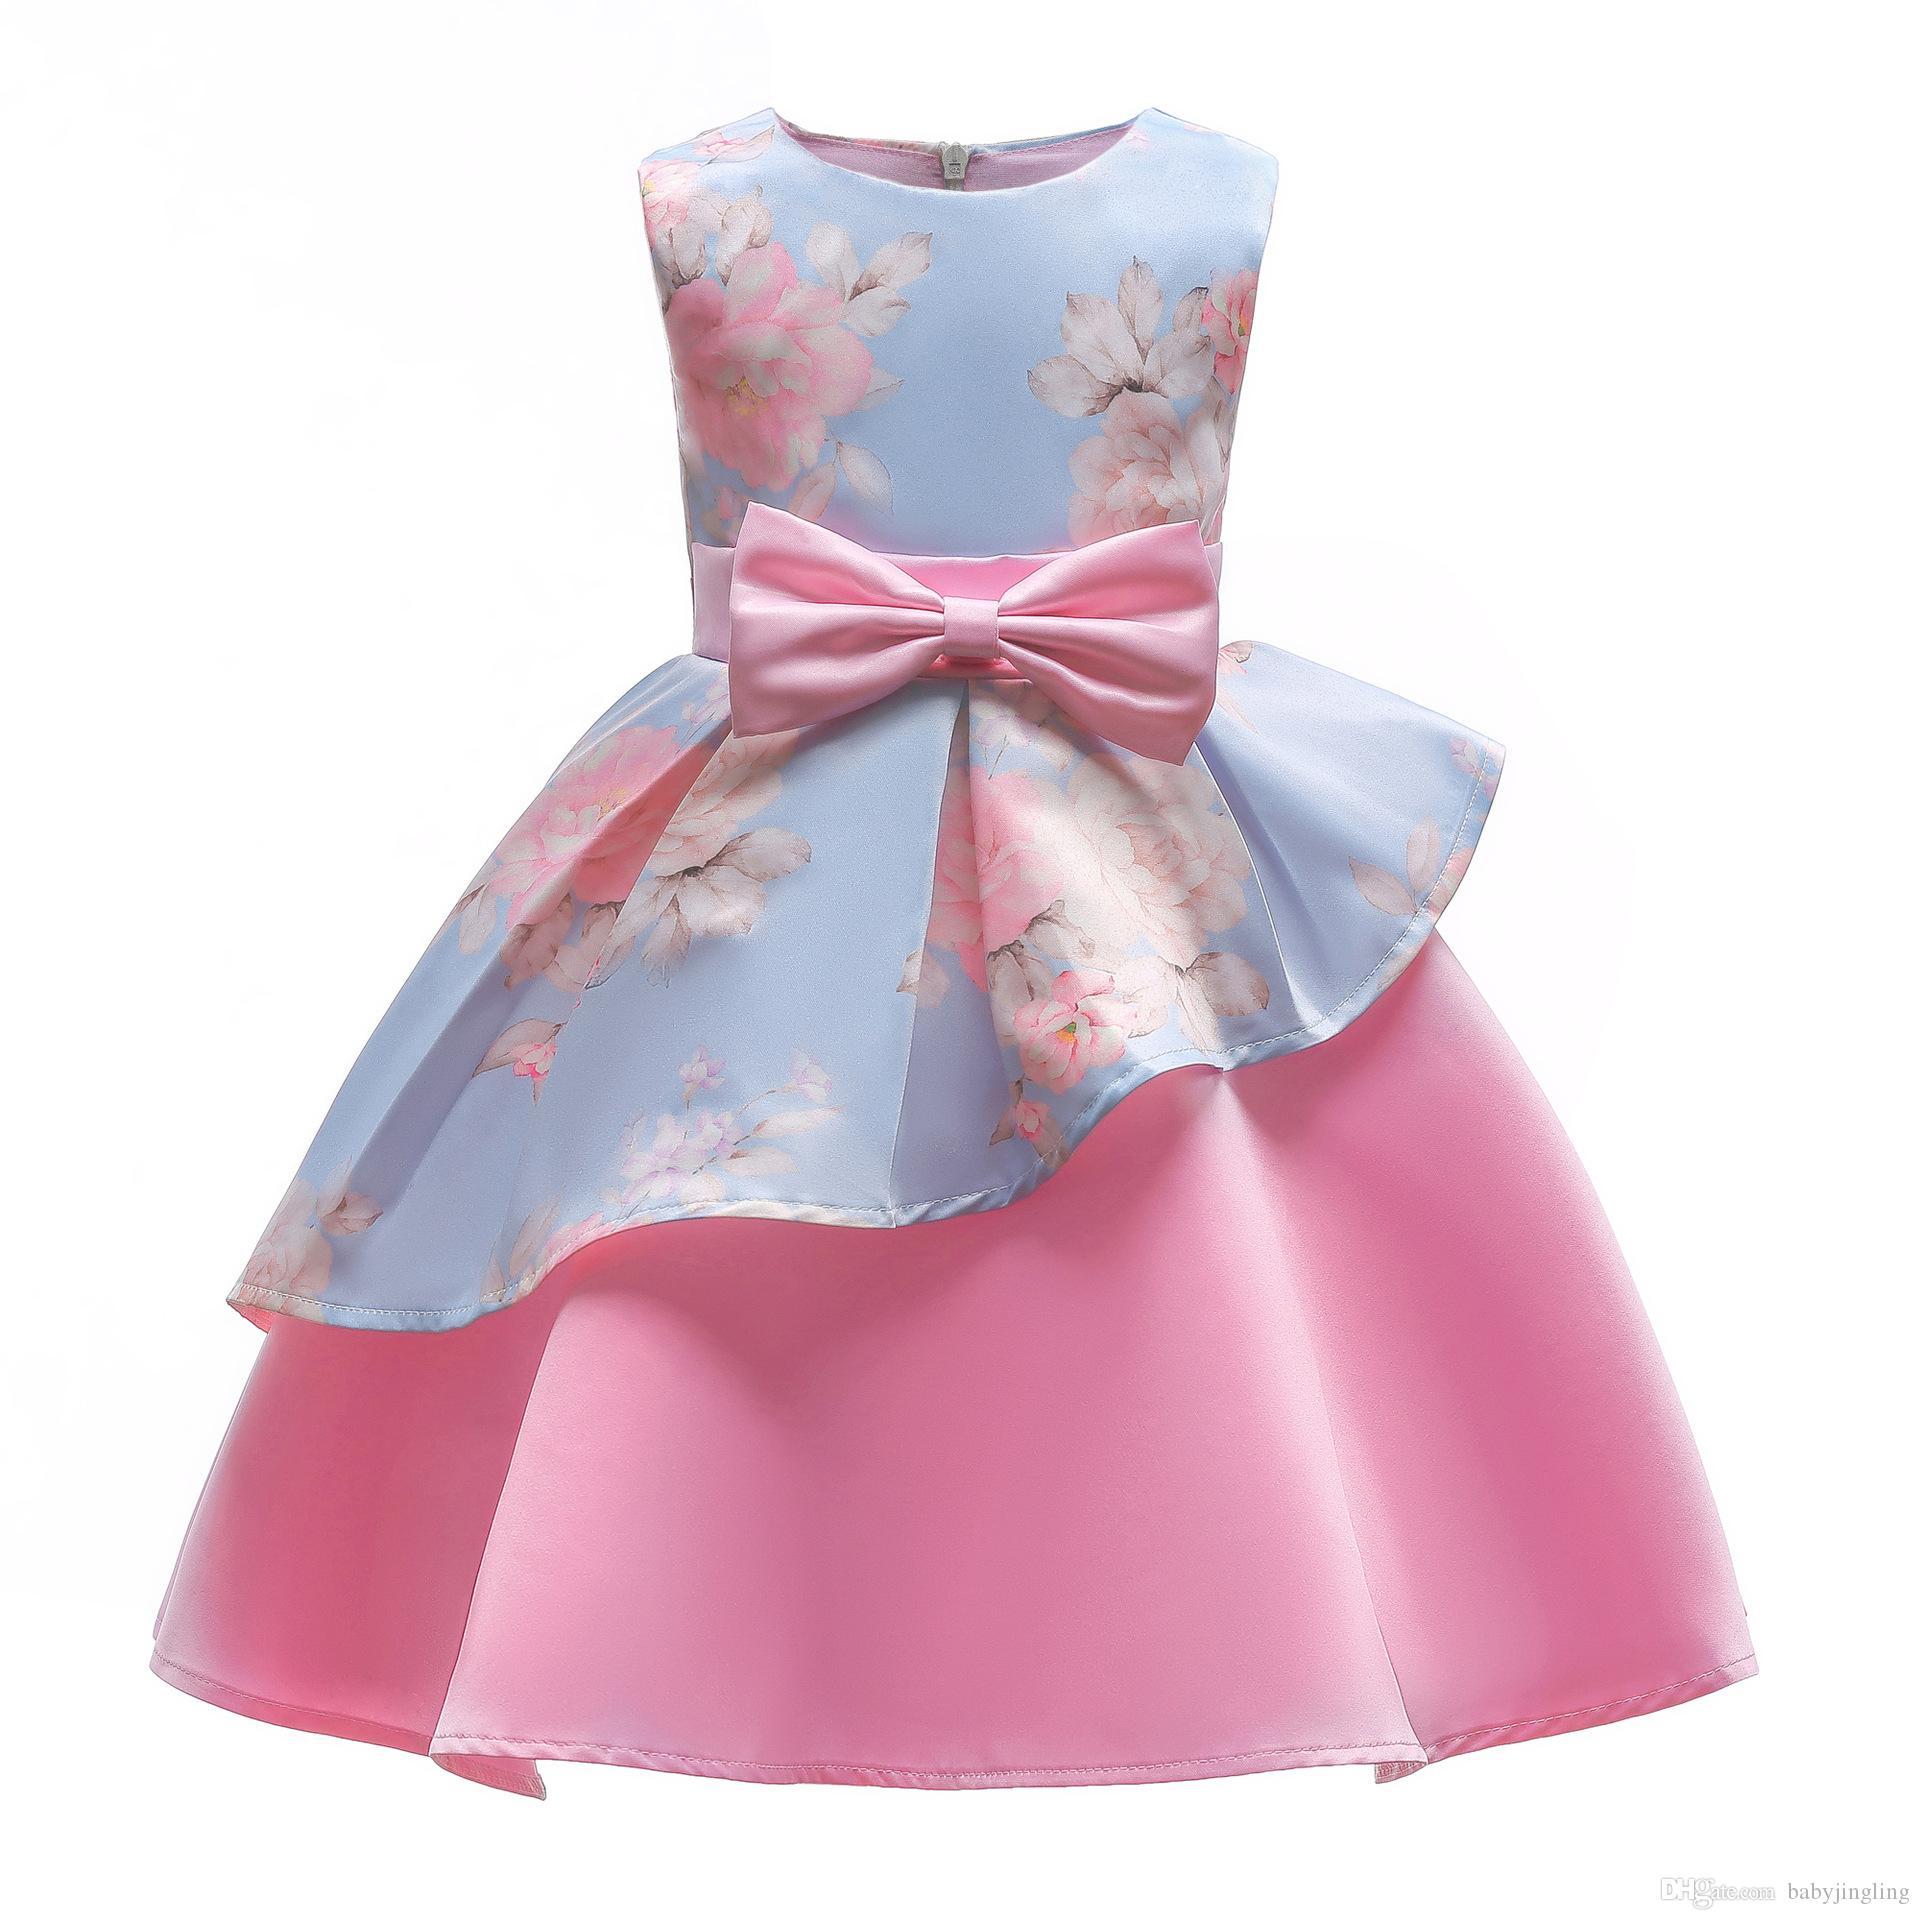 eb33f95683ab5 Acheter Nouvelles Filles Élégantes Princesse Robe Enfants Robes De Soirée  Pour Les Filles Robe De Mariée Enfants Robe De Noël Pour Les Filles Costume  8 10 ...